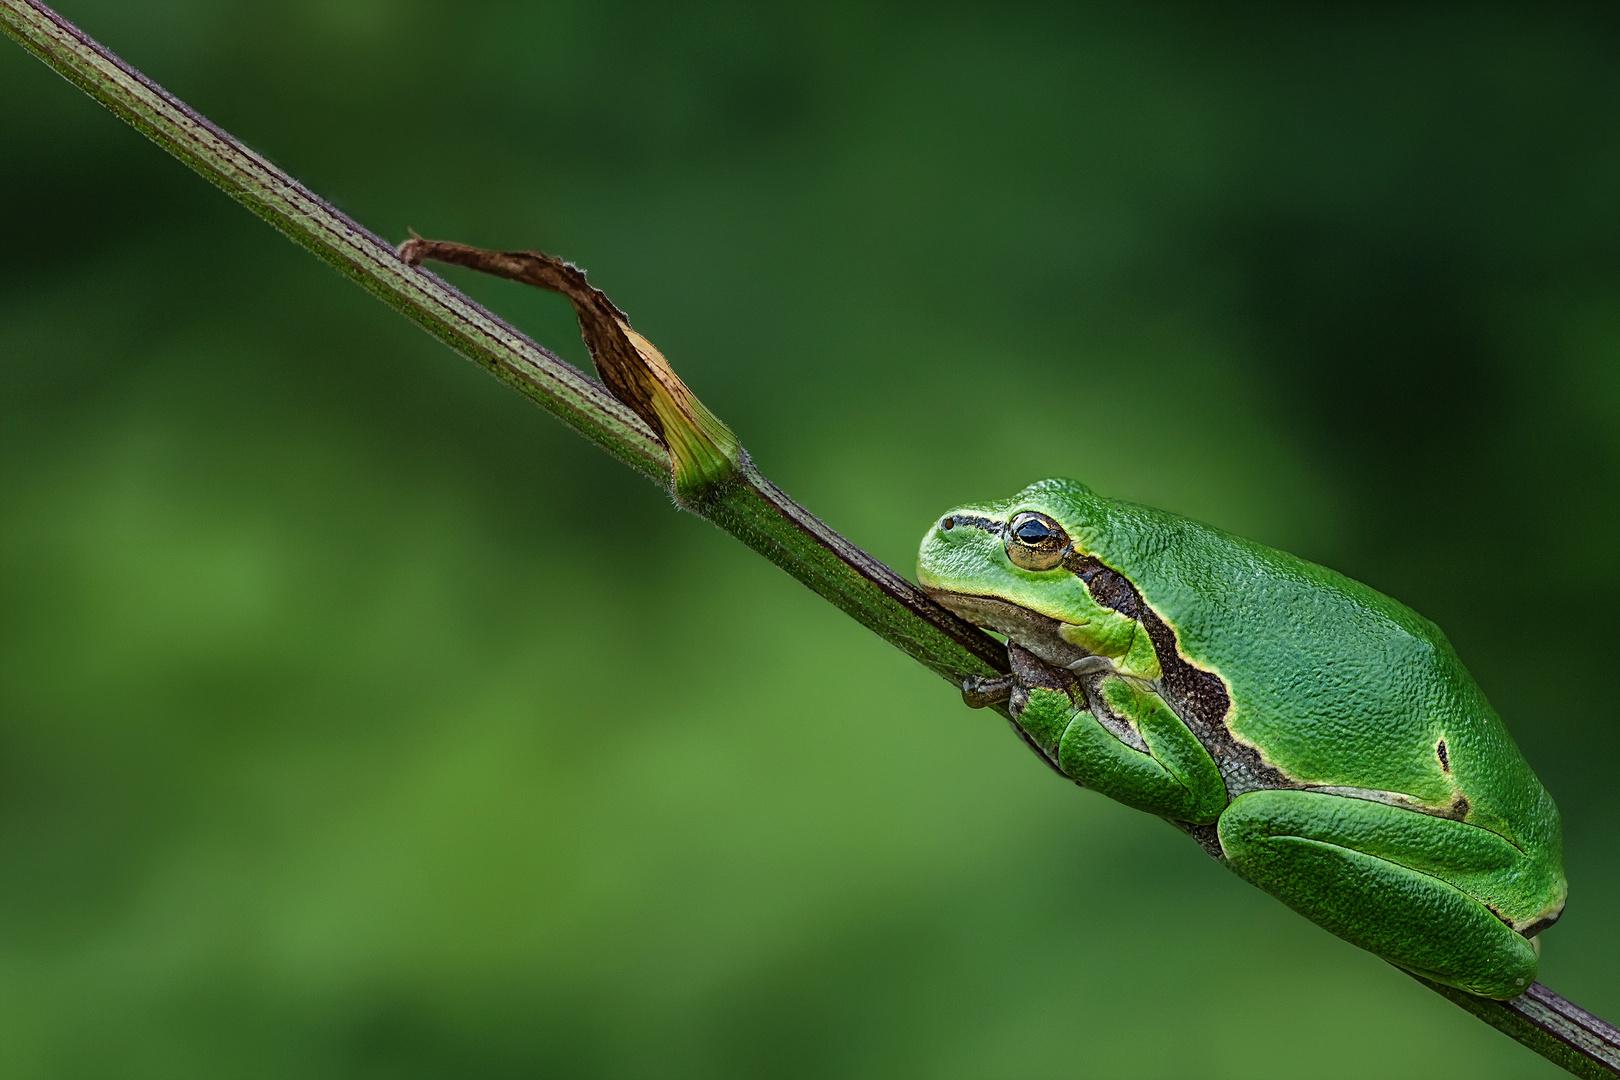 Der kleine grüne Wetterfrosch